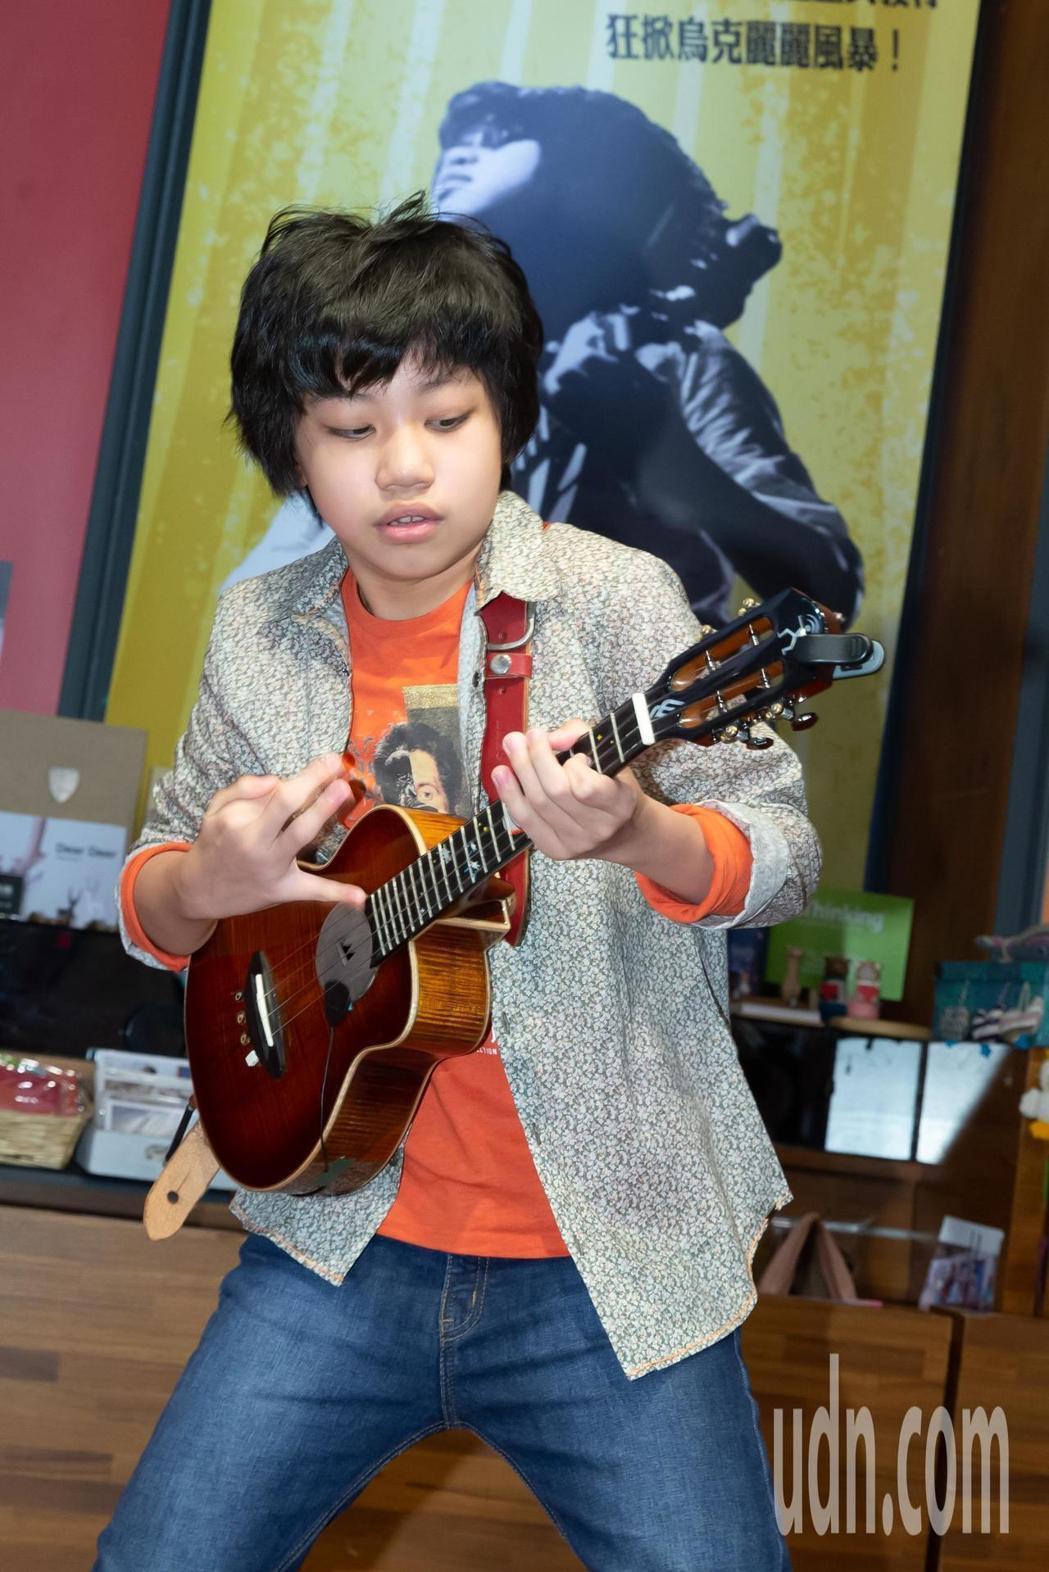 12歲烏克麗麗神童馮羿推出首張音樂專輯 「Silence in the stor...